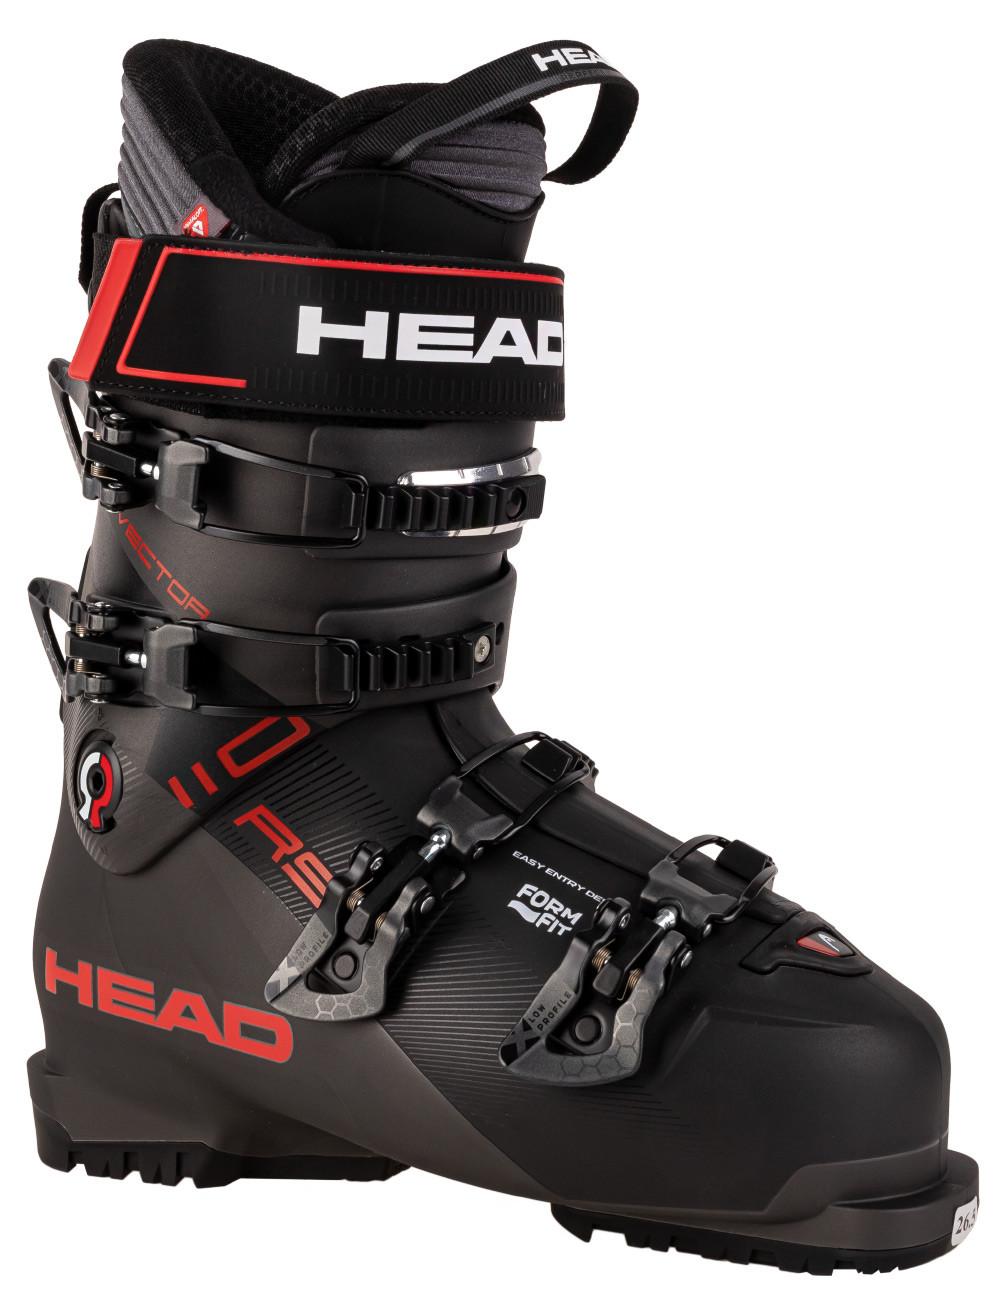 Buty narciarskie Head Vector 110 RS